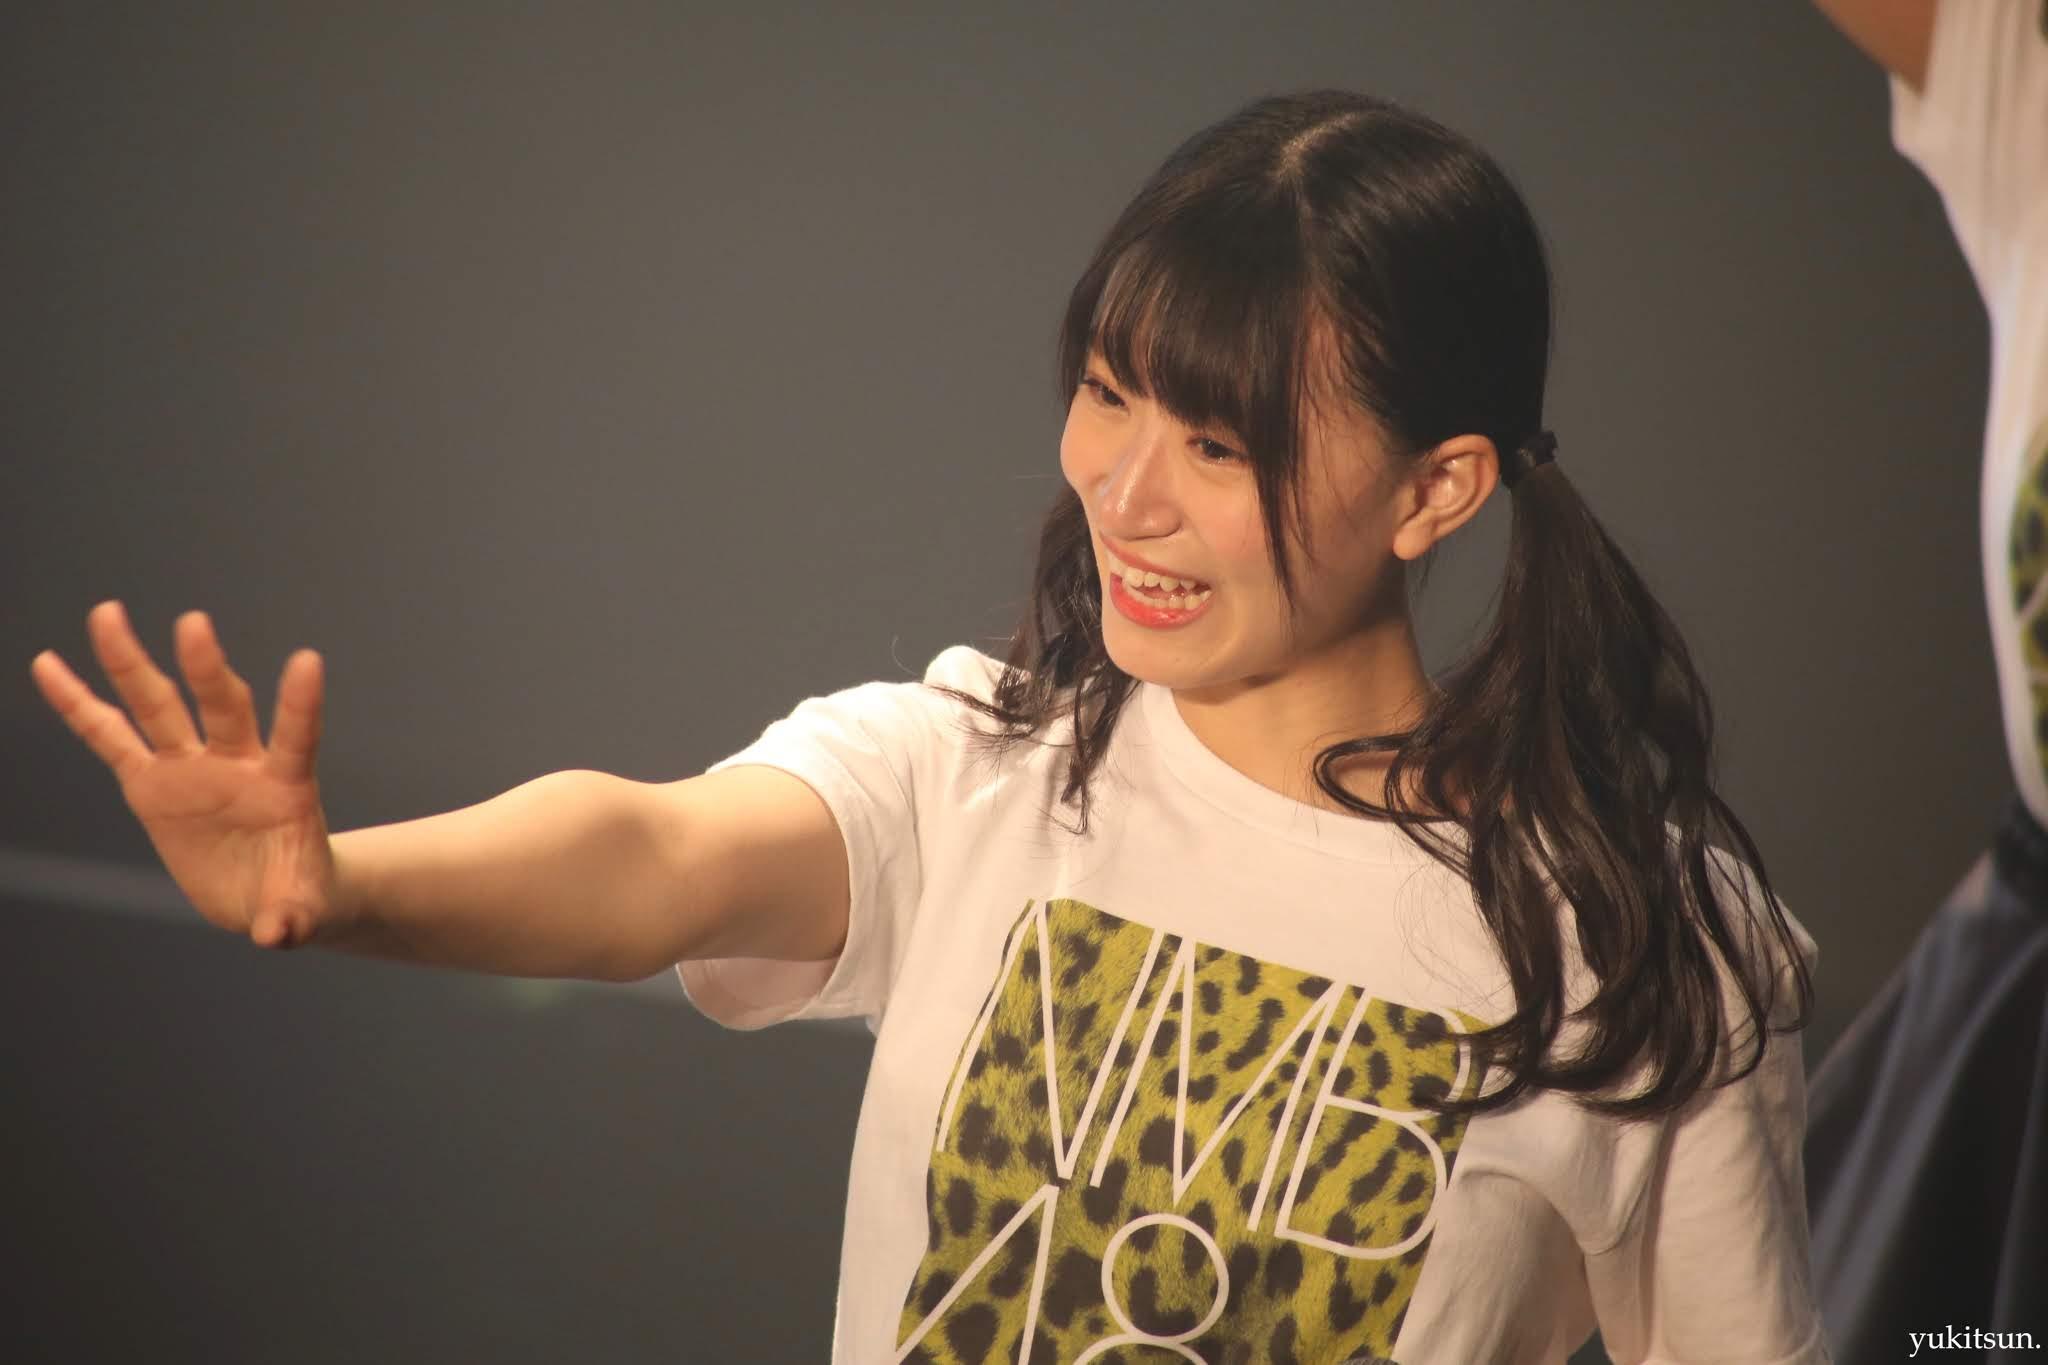 shinjidai-7